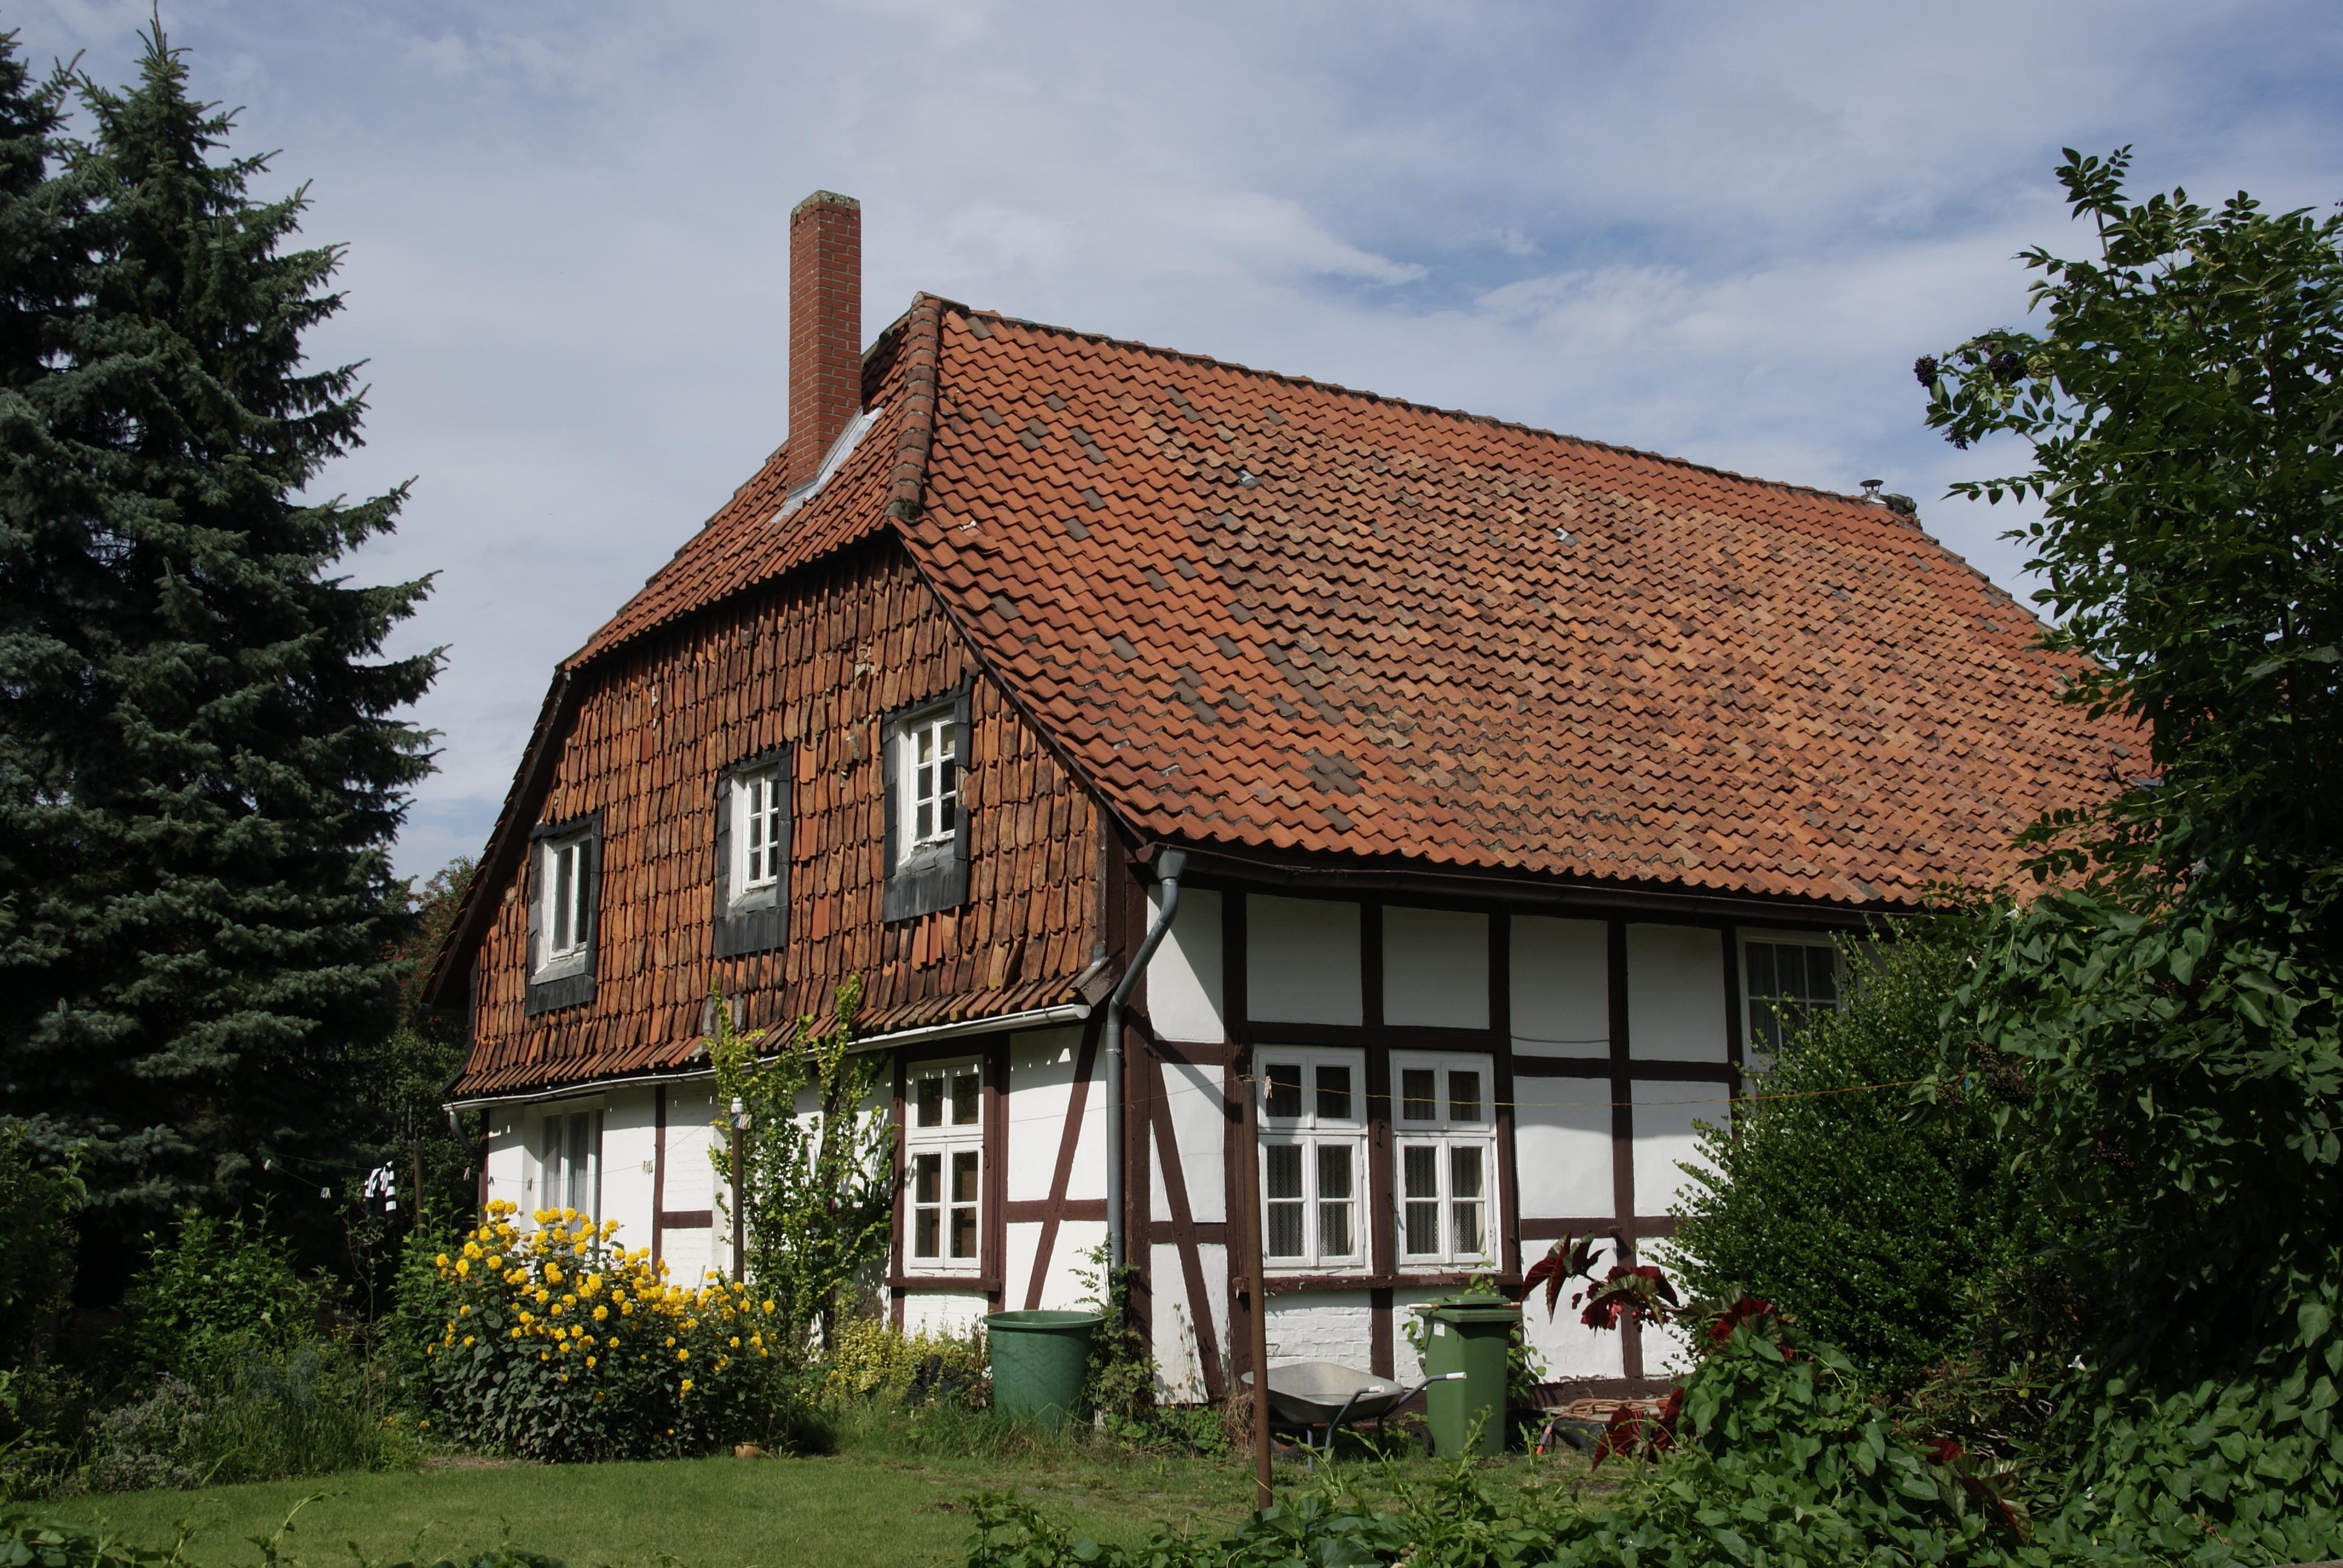 techo edificio antiguo granero monumento fachada propiedad jardn ladrillo flores casa de campo inmuebles cabaa de madera